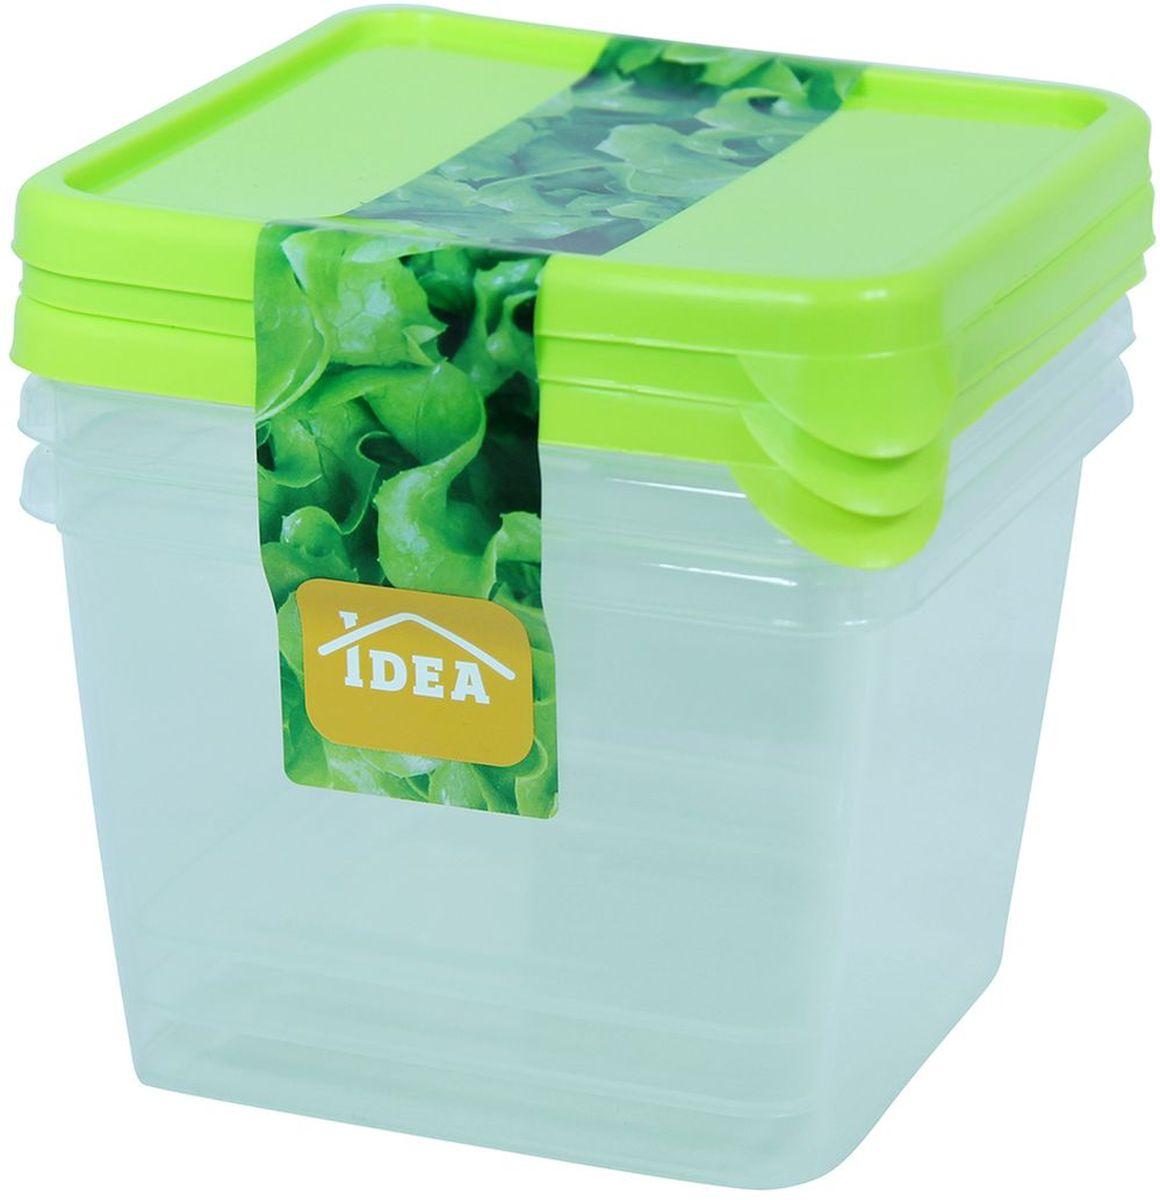 Набор контейнеров Idea, 750 мл, 3 шт. М 1444 набор контейнеров 3 шт comboez набор контейнеров 3 шт